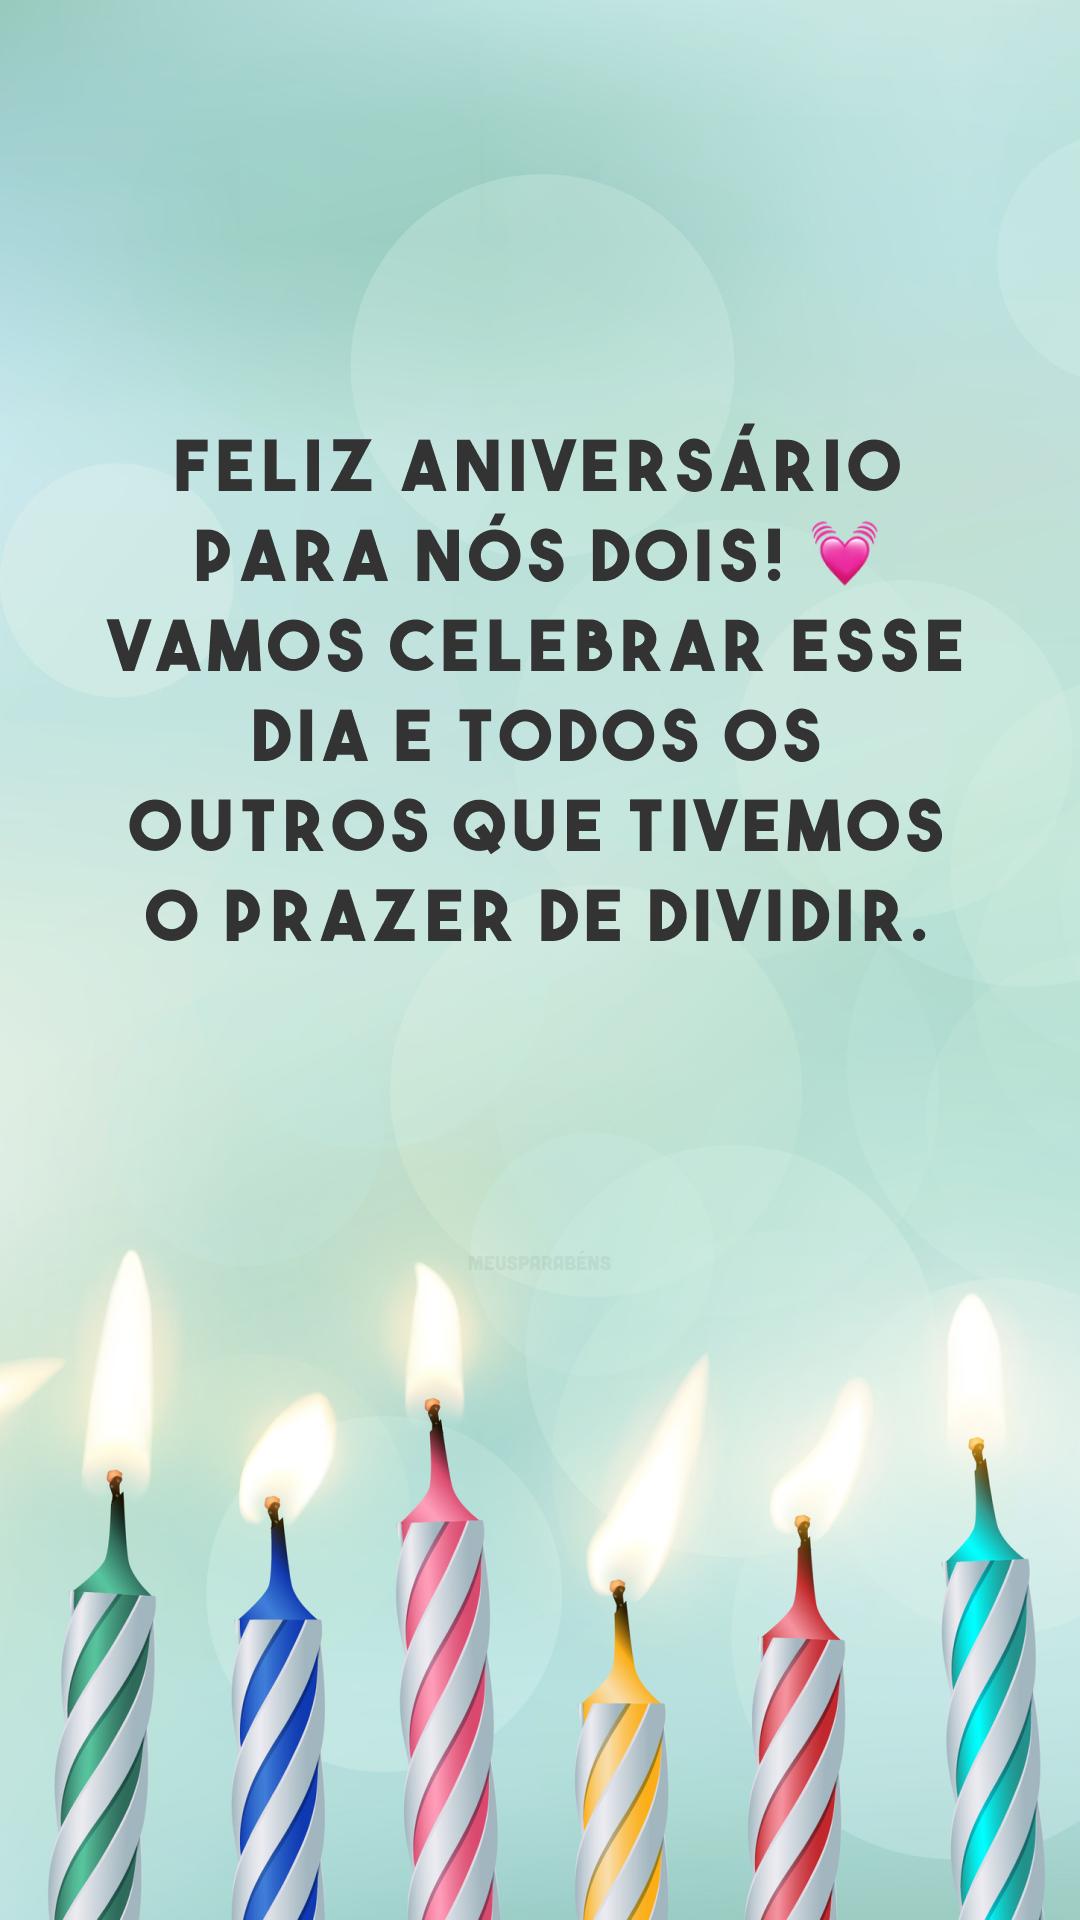 Feliz aniversário para nós dois! 💓 Vamos celebrar esse dia e todos os outros que tivemos o prazer de dividir.